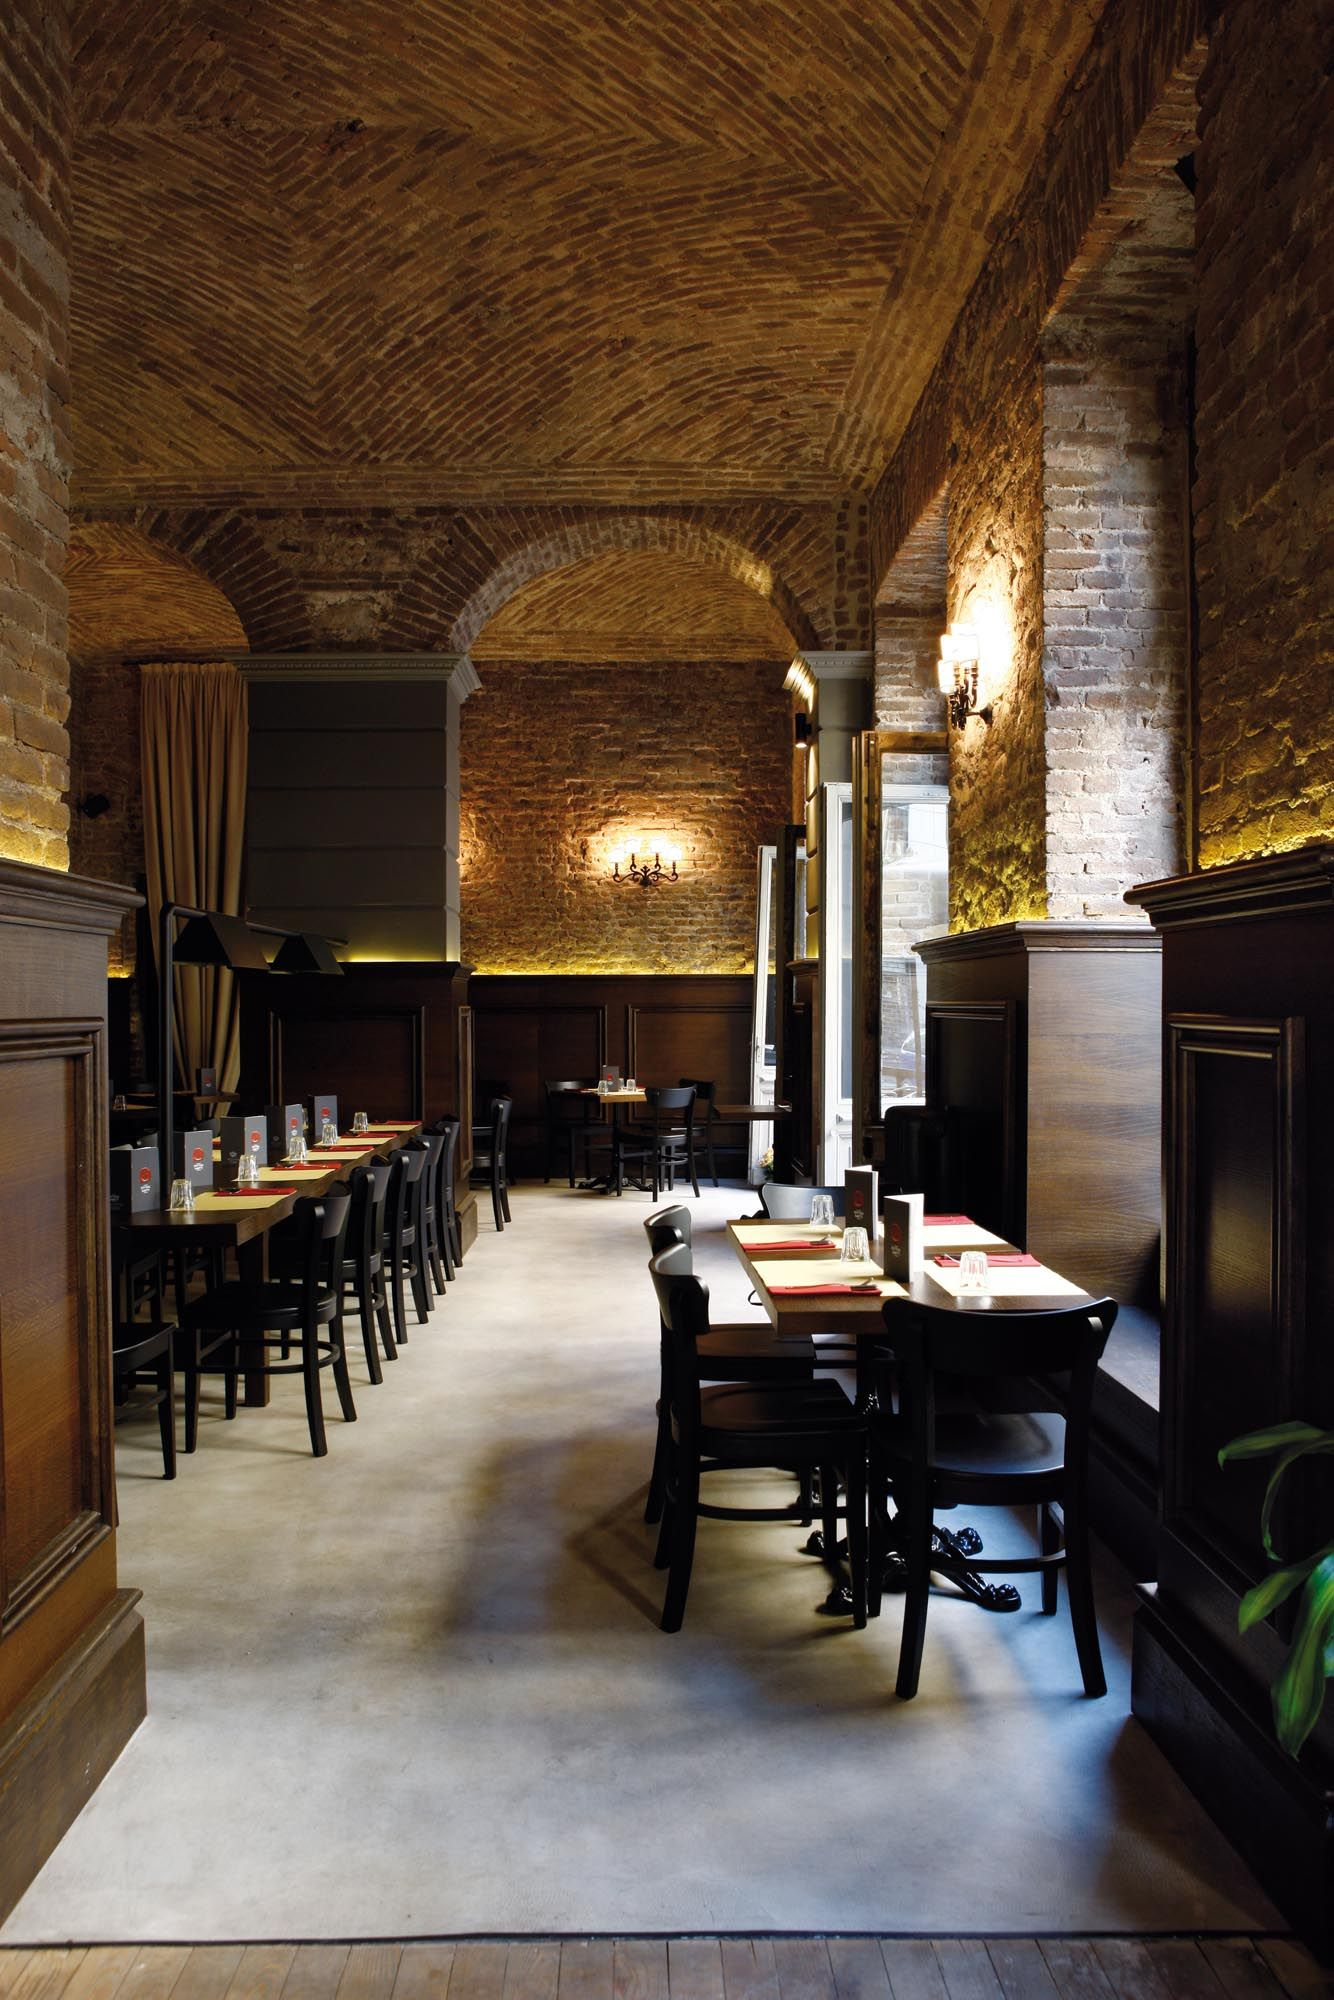 Bottega baretti torino restaurant for Hotel design torino